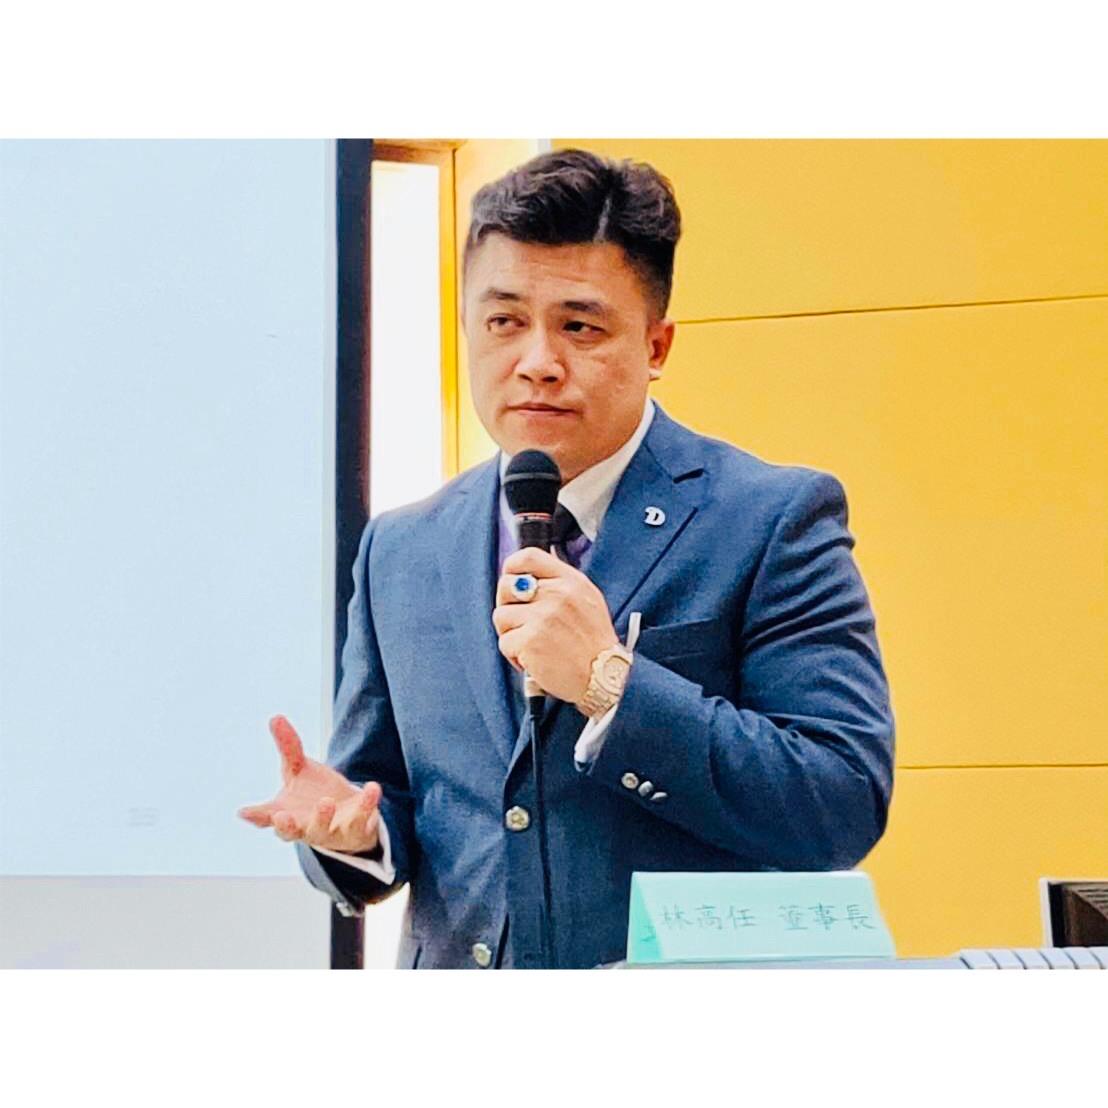 達聖全球網紅新創團隊董事長林高任